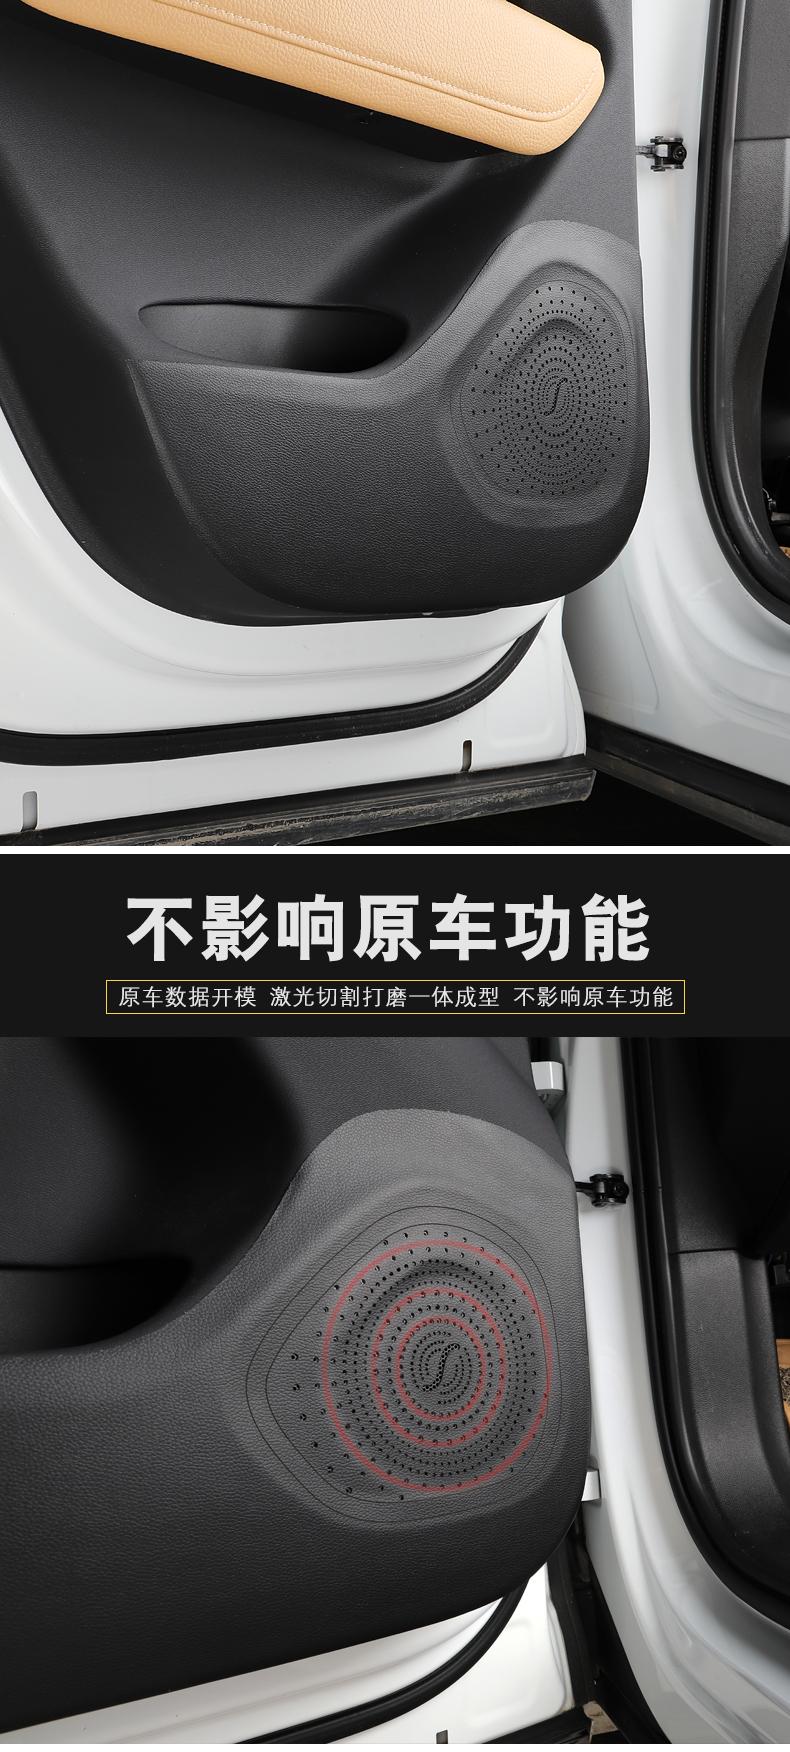 Miếng dán tapli và hộp đựng đồ xe Volvo XC60 2018 - 2020 - ảnh 7